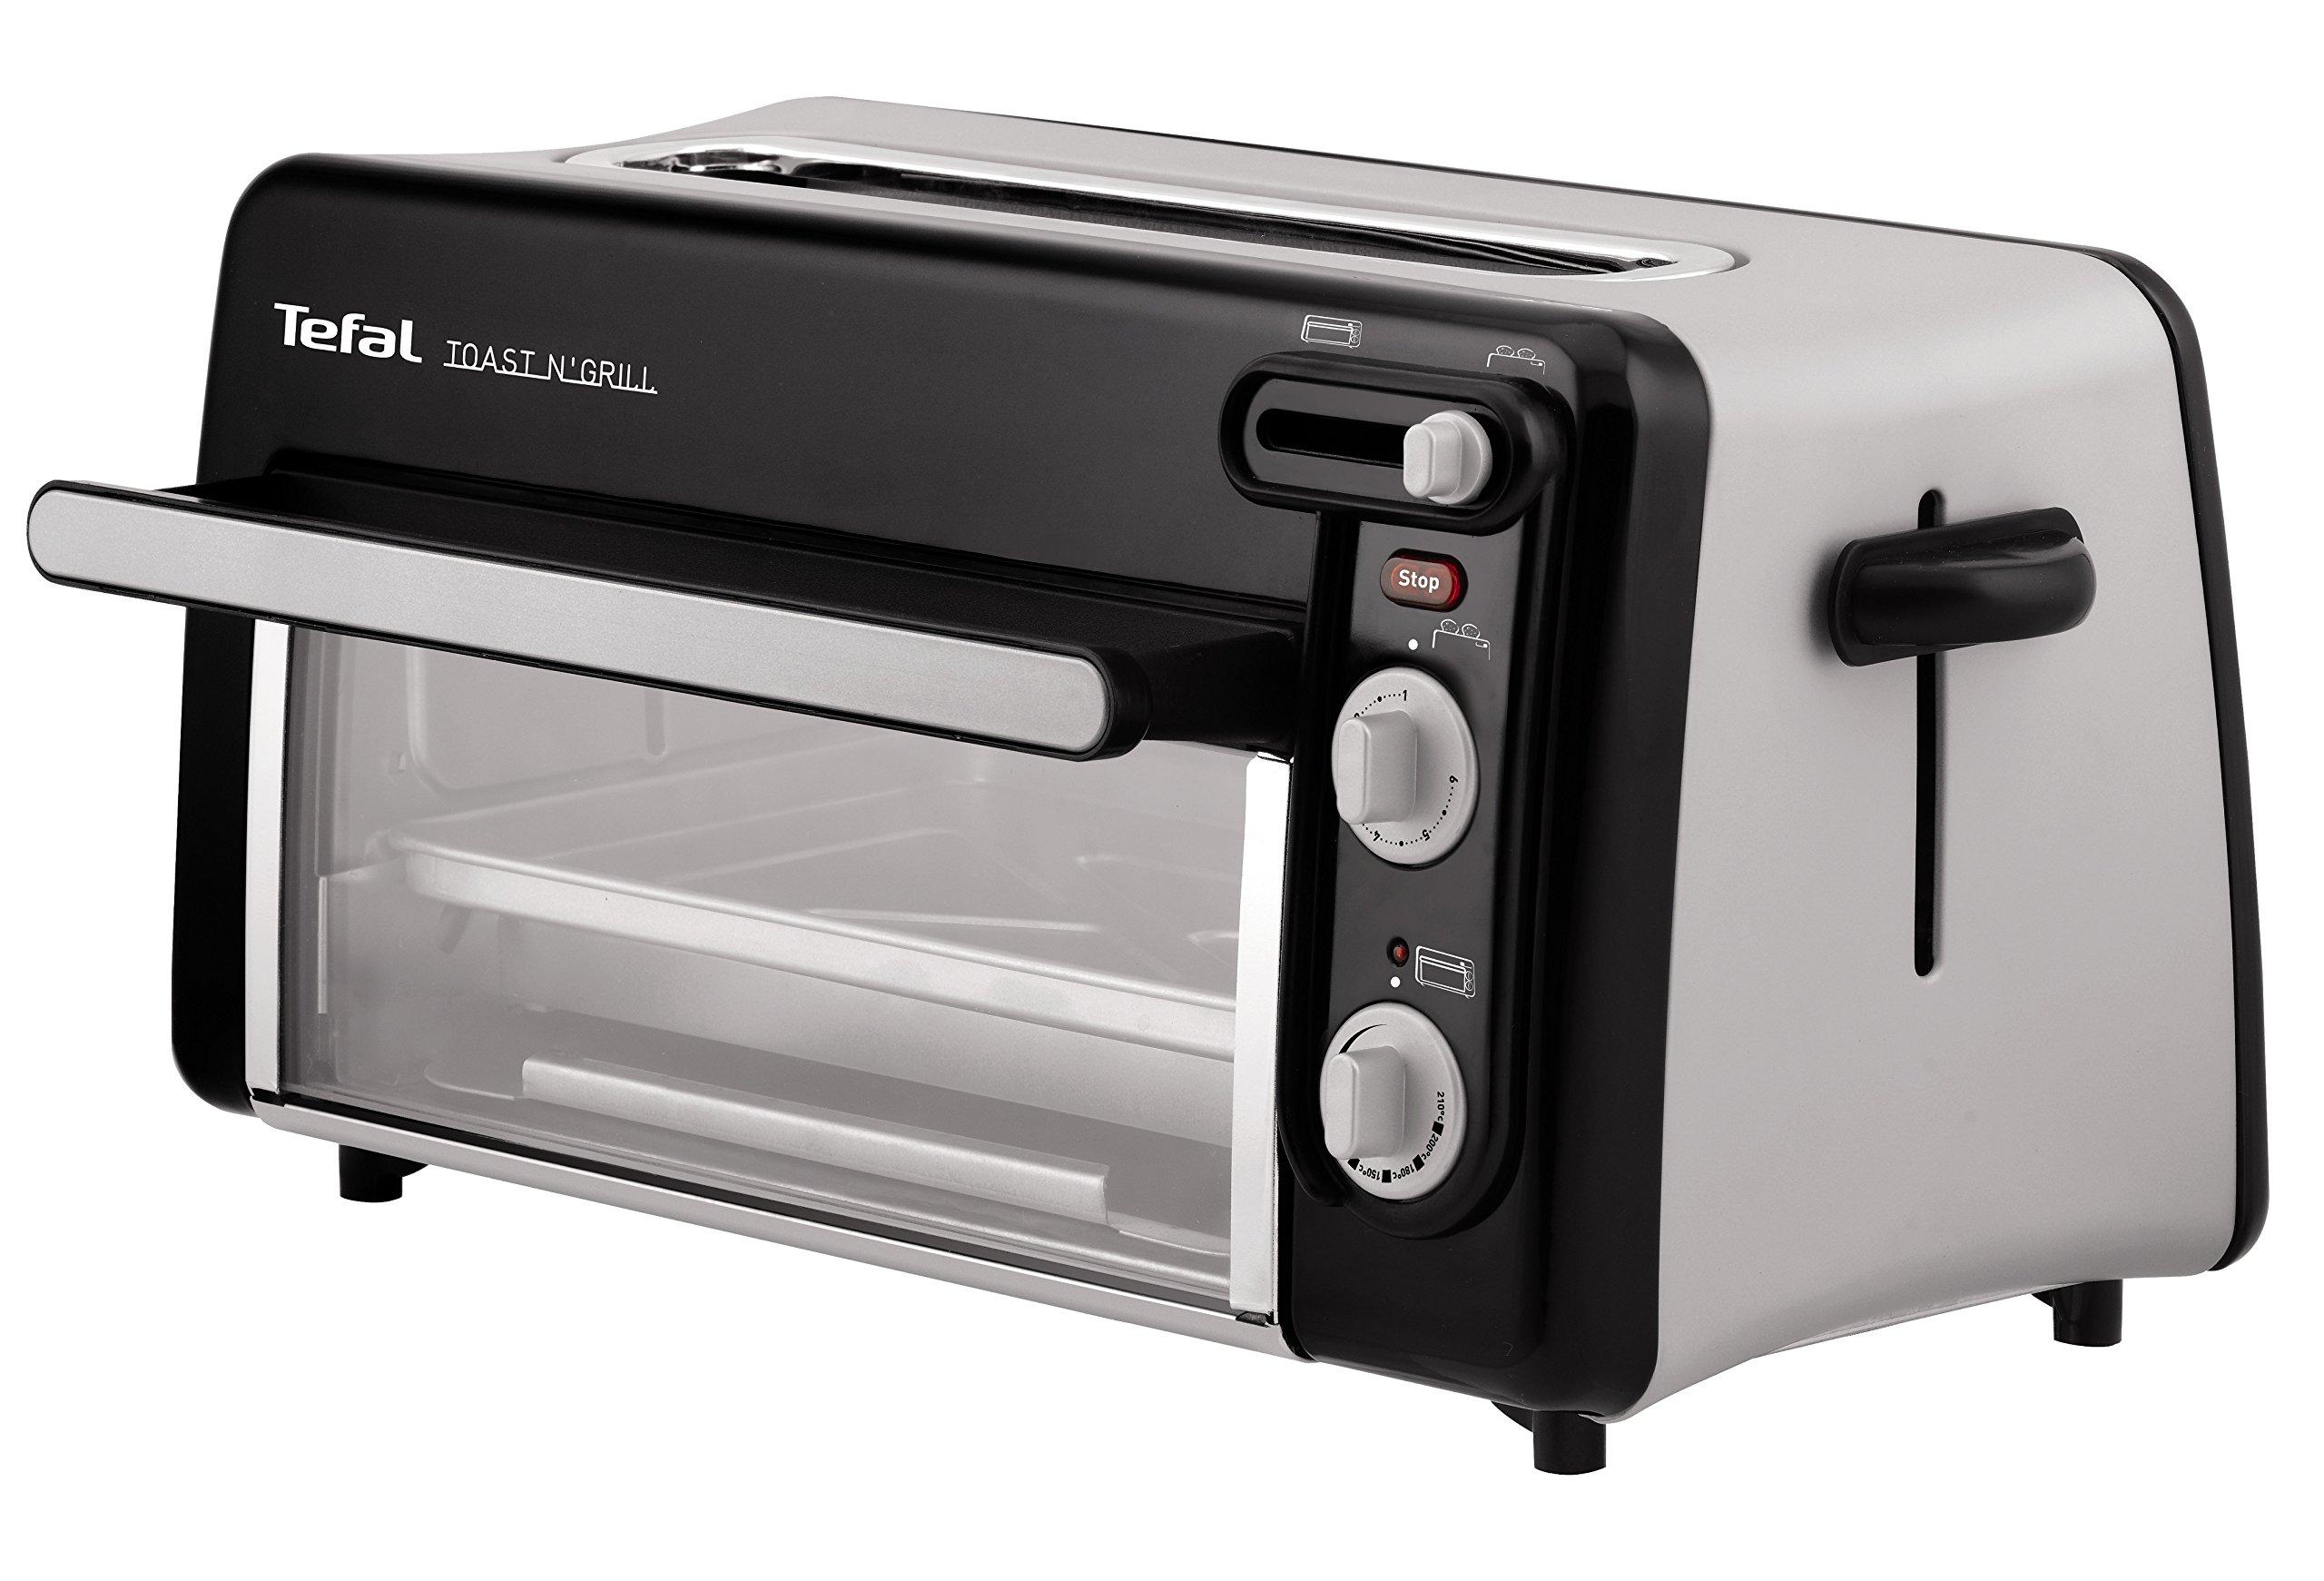 Moulinex Toast & Grill TL6008 - Tostador y horno, 2 en 1, potencia 1300 W, 1 ranura larga, temporizador 10 min, termostato regulable hasta 220 C, Incluye libro de recetas, bandeja recogemigas: Amazon.es: Hogar